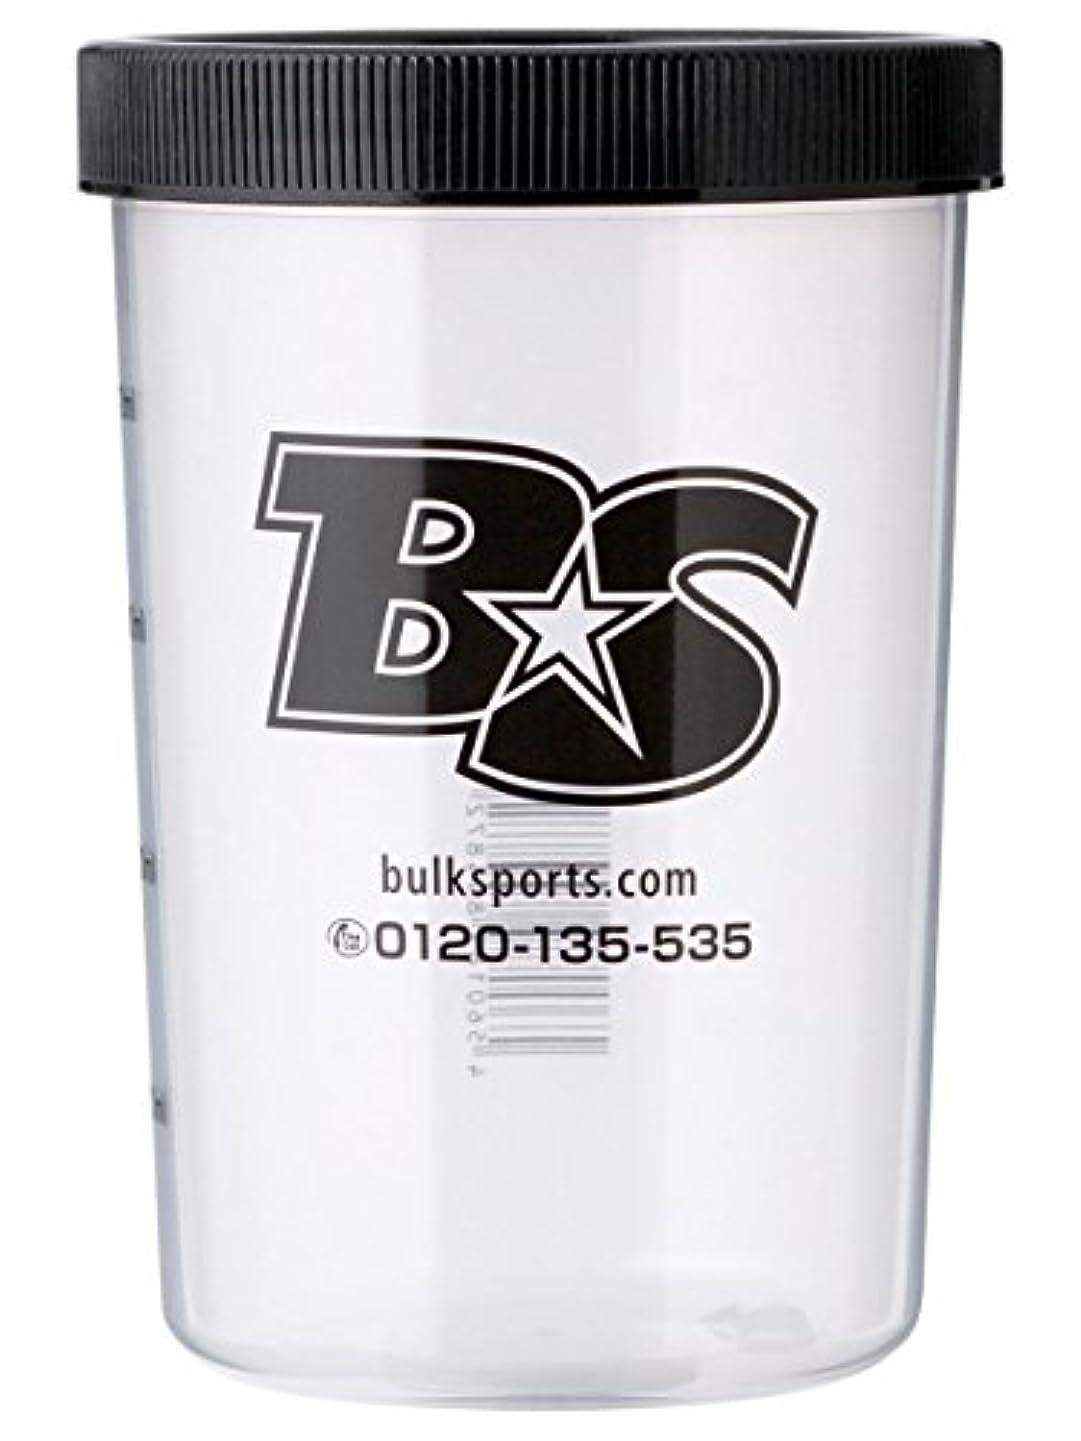 詐欺師鼻後世バルクスポーツ プロテインシェイカー BS STAR ロゴ入りシェイカーカップ(500ml)【日本製】